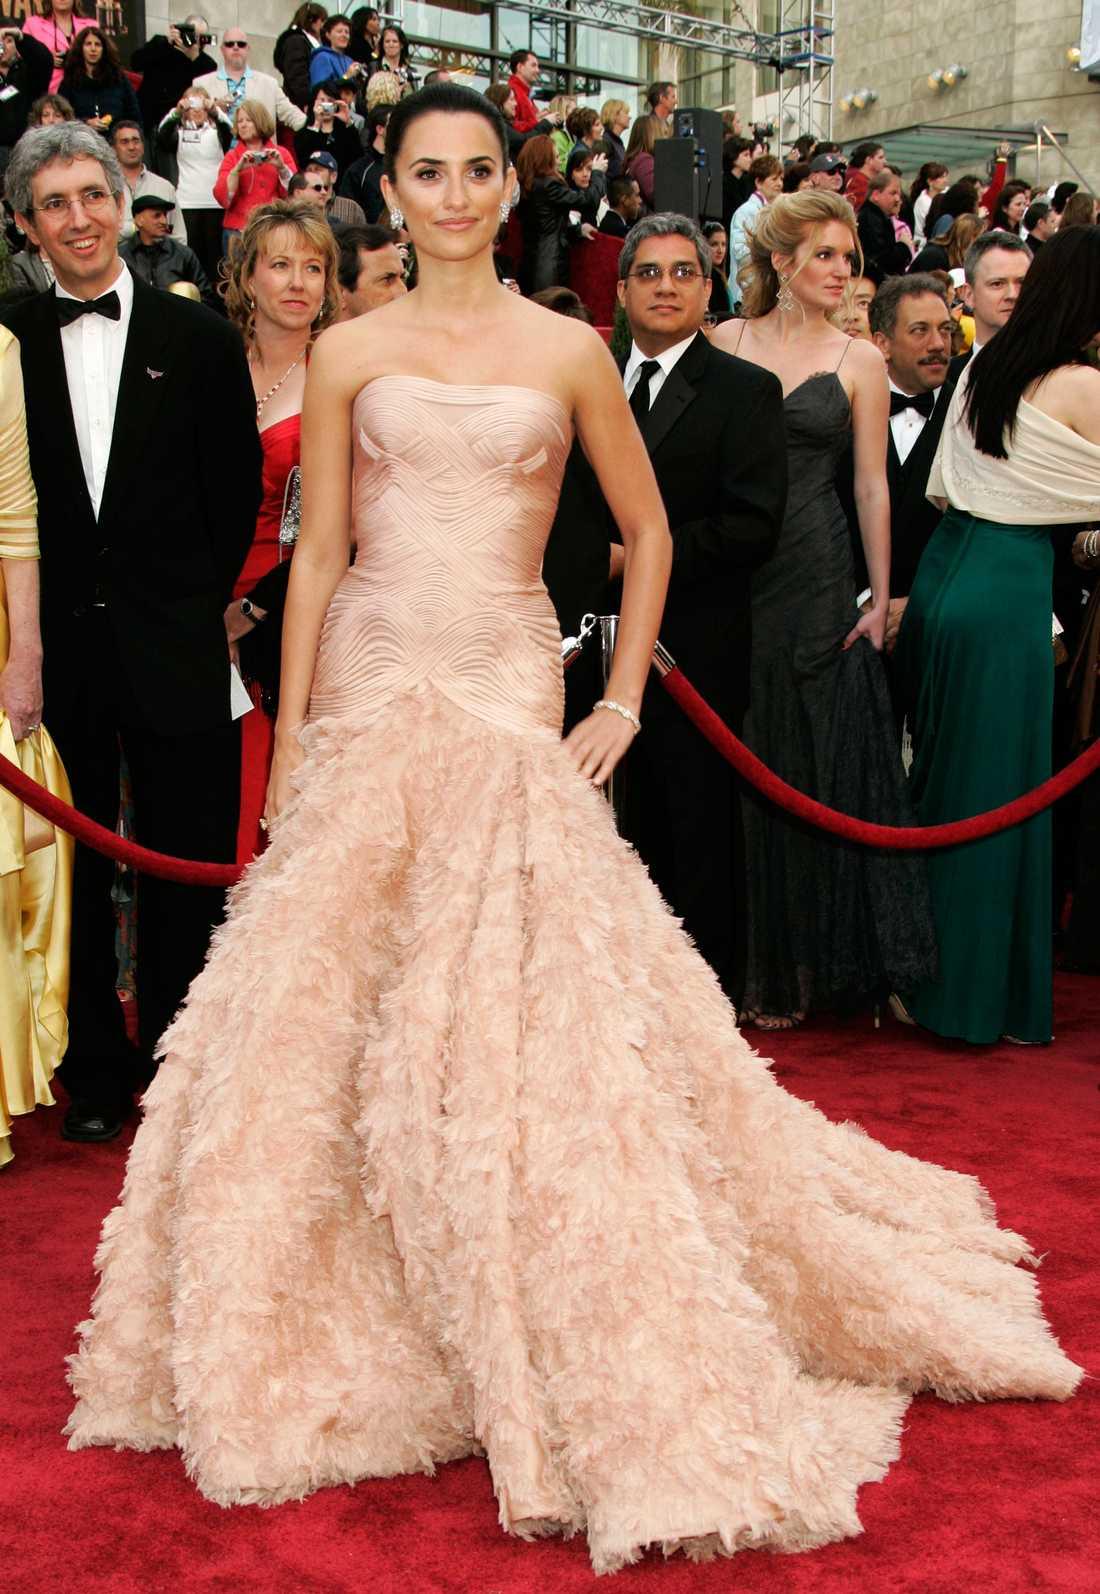 """Penelope Cruz 2007 VS Amy Adams 2013 """"Få saker är så delikat som fjädrar. Cruz och Adams har burit i stort sett identiska klänningar och det fajtas fortfarande om vilken klänning som var bäst. Är det den cremefärgade Versace eller den ljusblå Oscar de la Renta som tar hem segern? Oavsett så är den här modellen en riktig Oscarsdröm!! Snacka om Hollywood-glamour på hög nivå. Frågan är bara hur det var att sitta ner i fem timmar med alla dessa fjädrar?"""""""